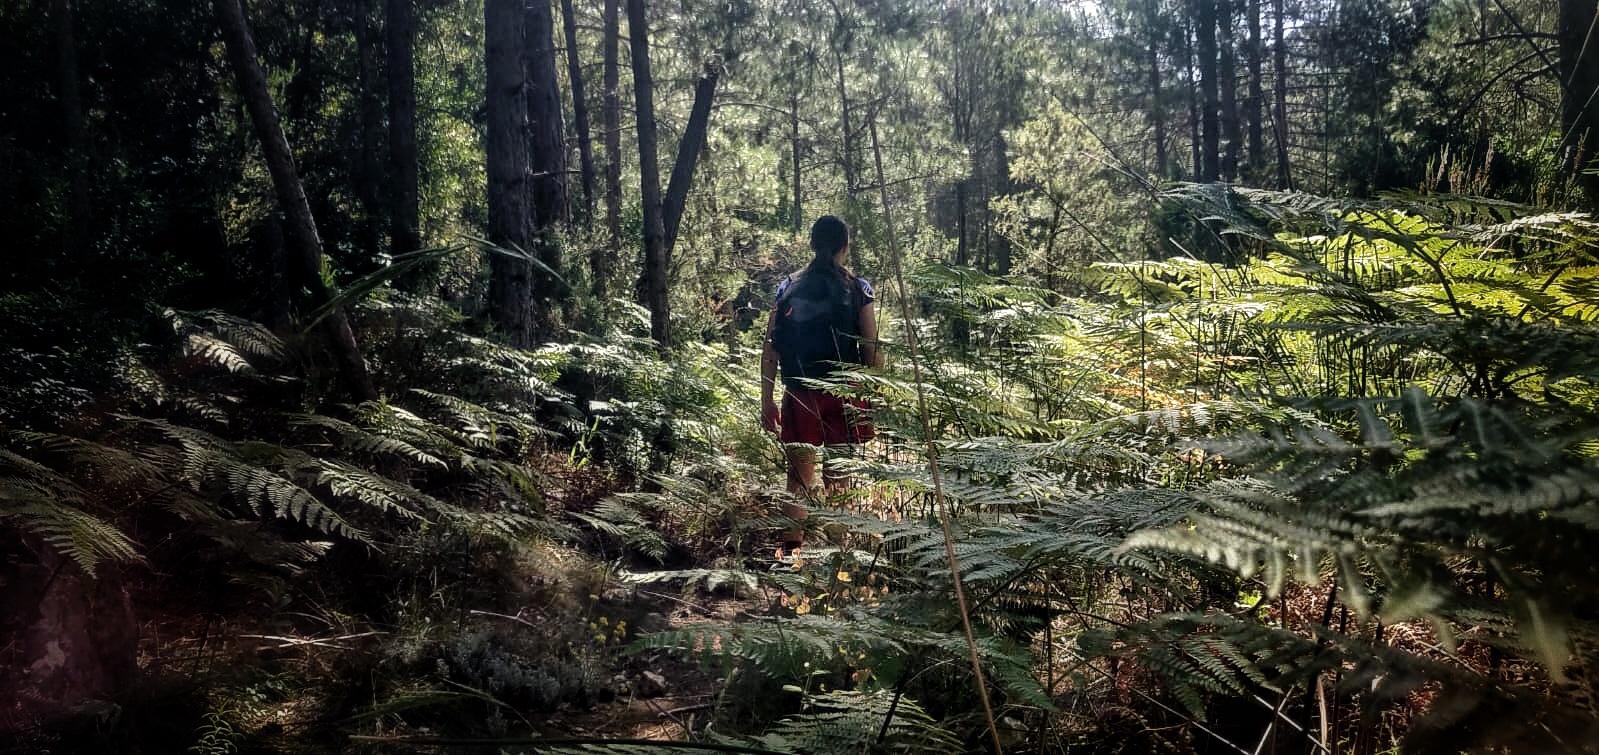 La importancia de estar en el camino, persona caminando por el bosque